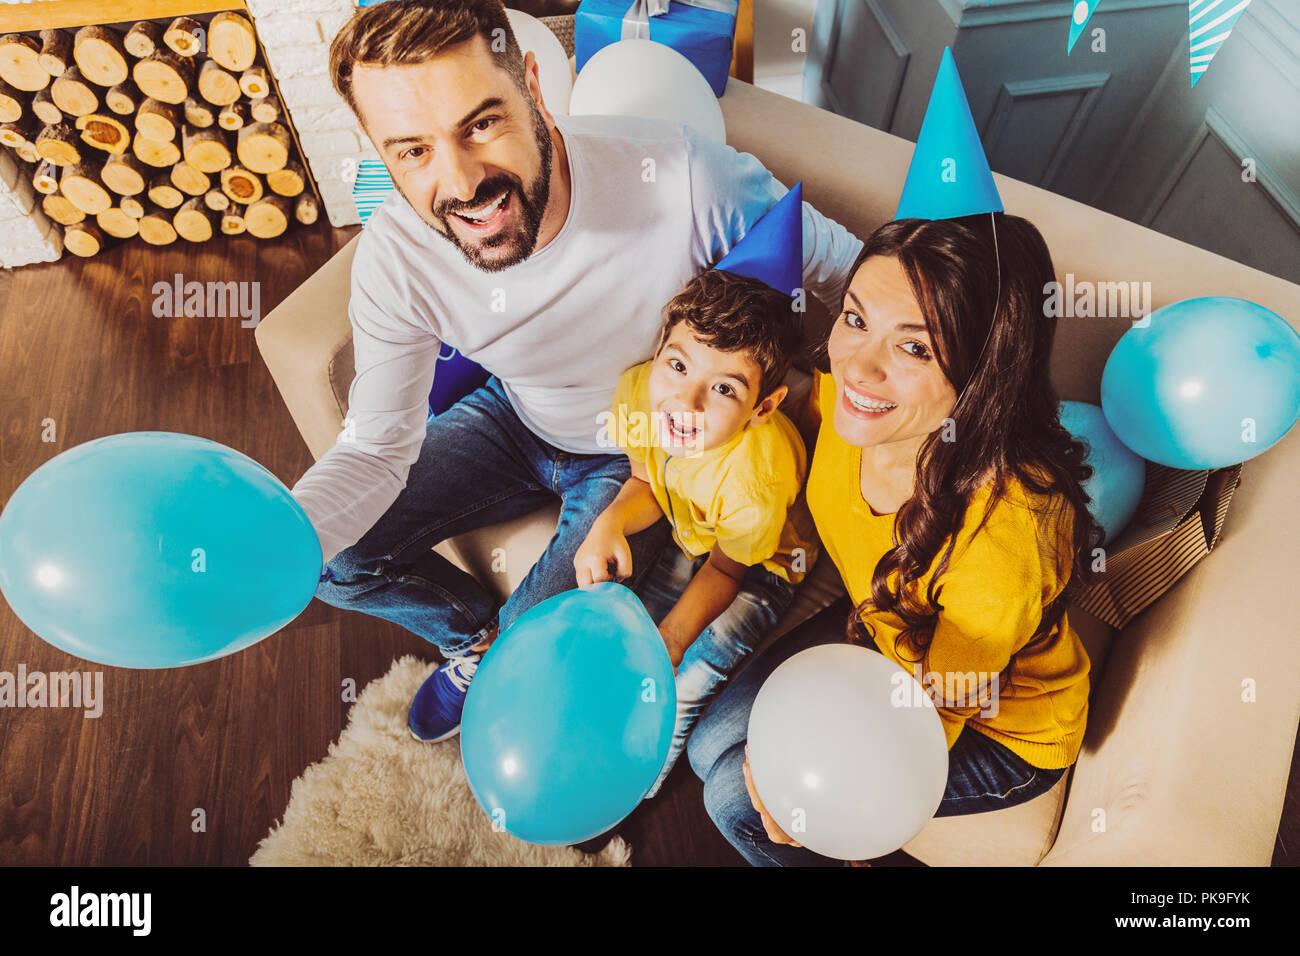 Agradable tener familia feliz fiesta de cumpleaños Imagen De Stock